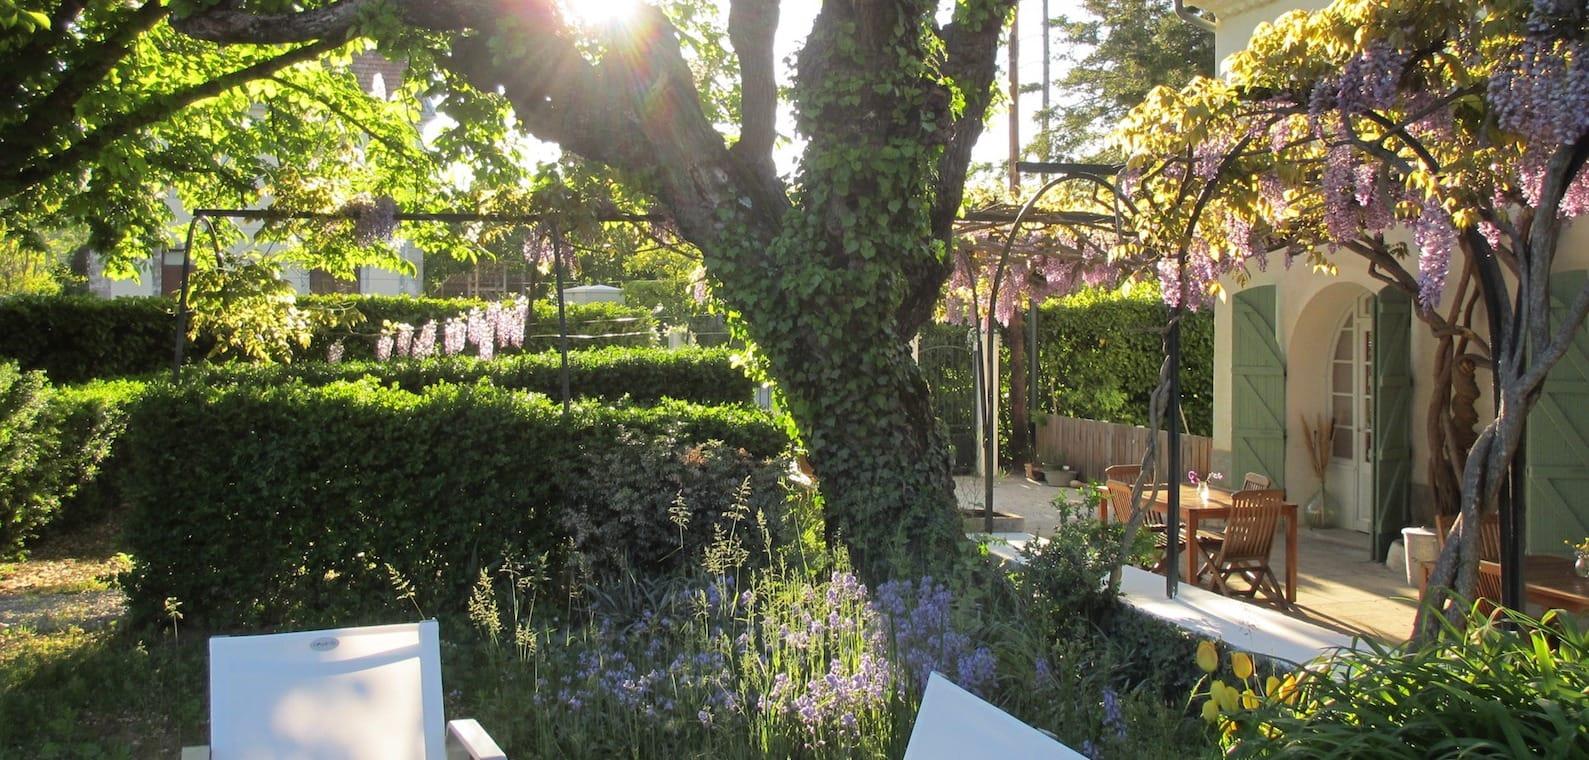 Tuin chambre d hote en gites met zwembad bij Nederlanders Haute Provence, Zuid Frankrijk